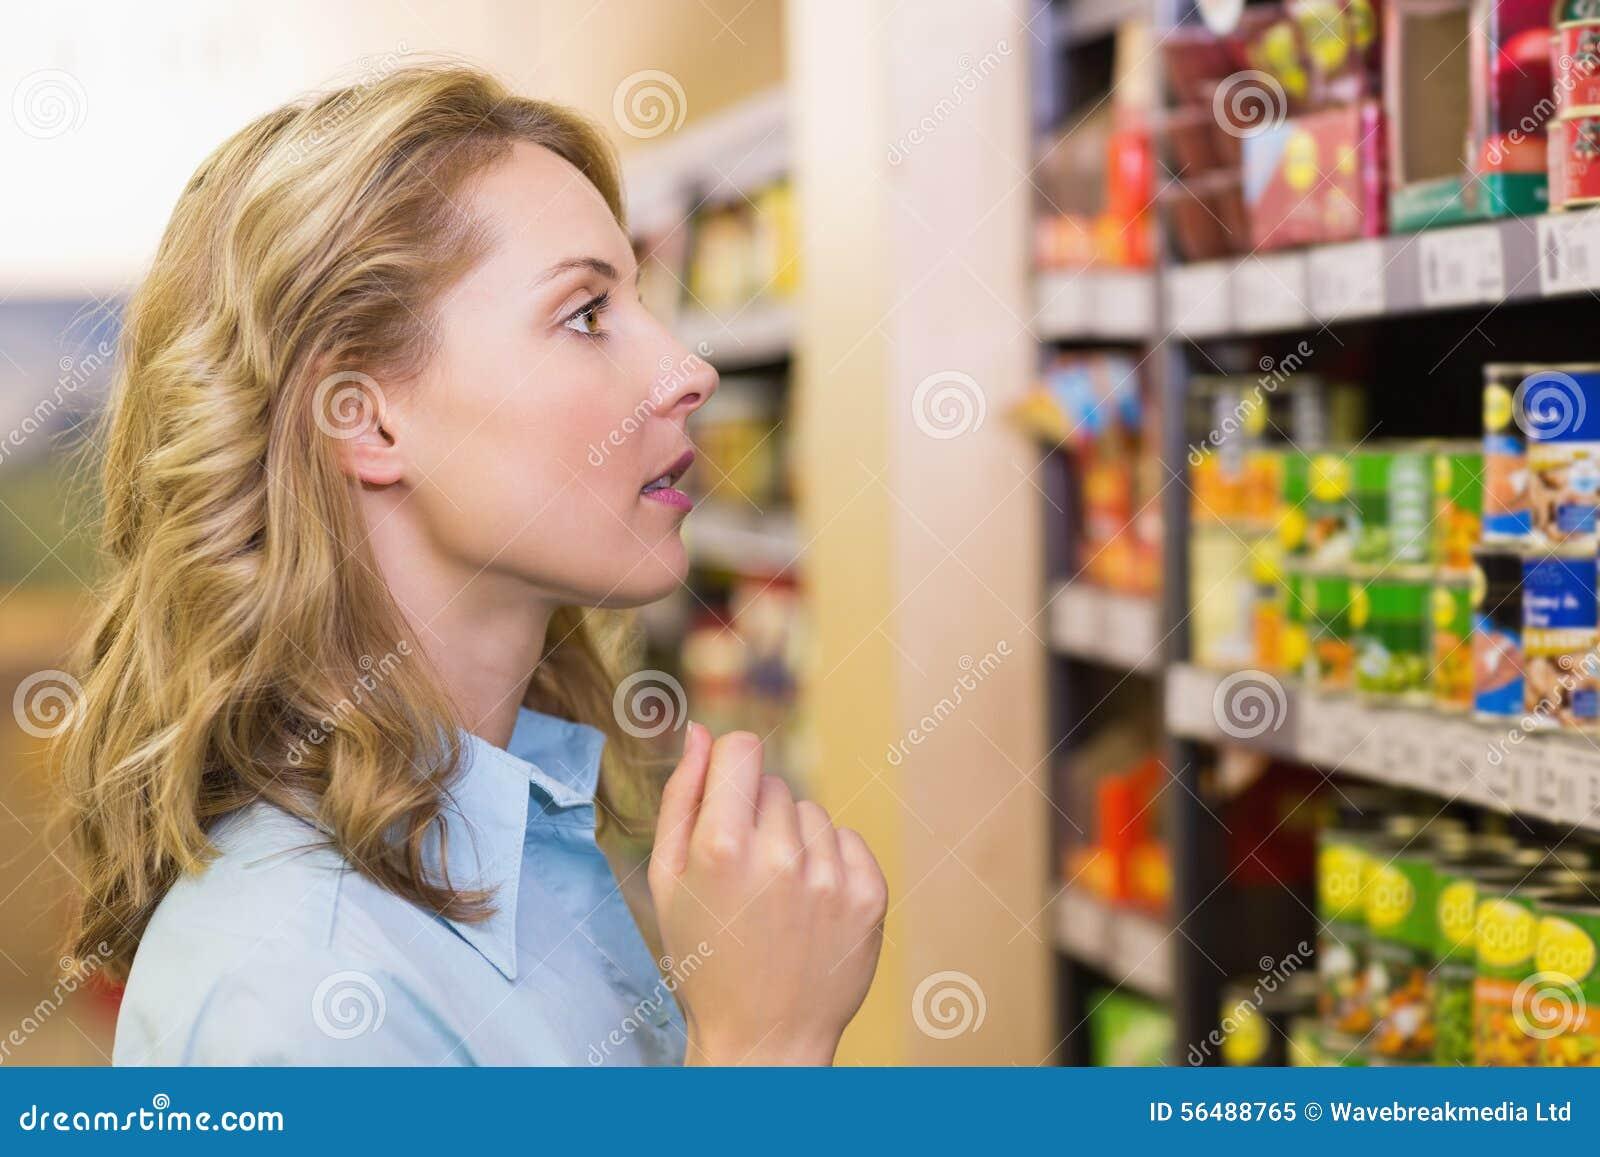 Femme assez blonde regardant des étagères